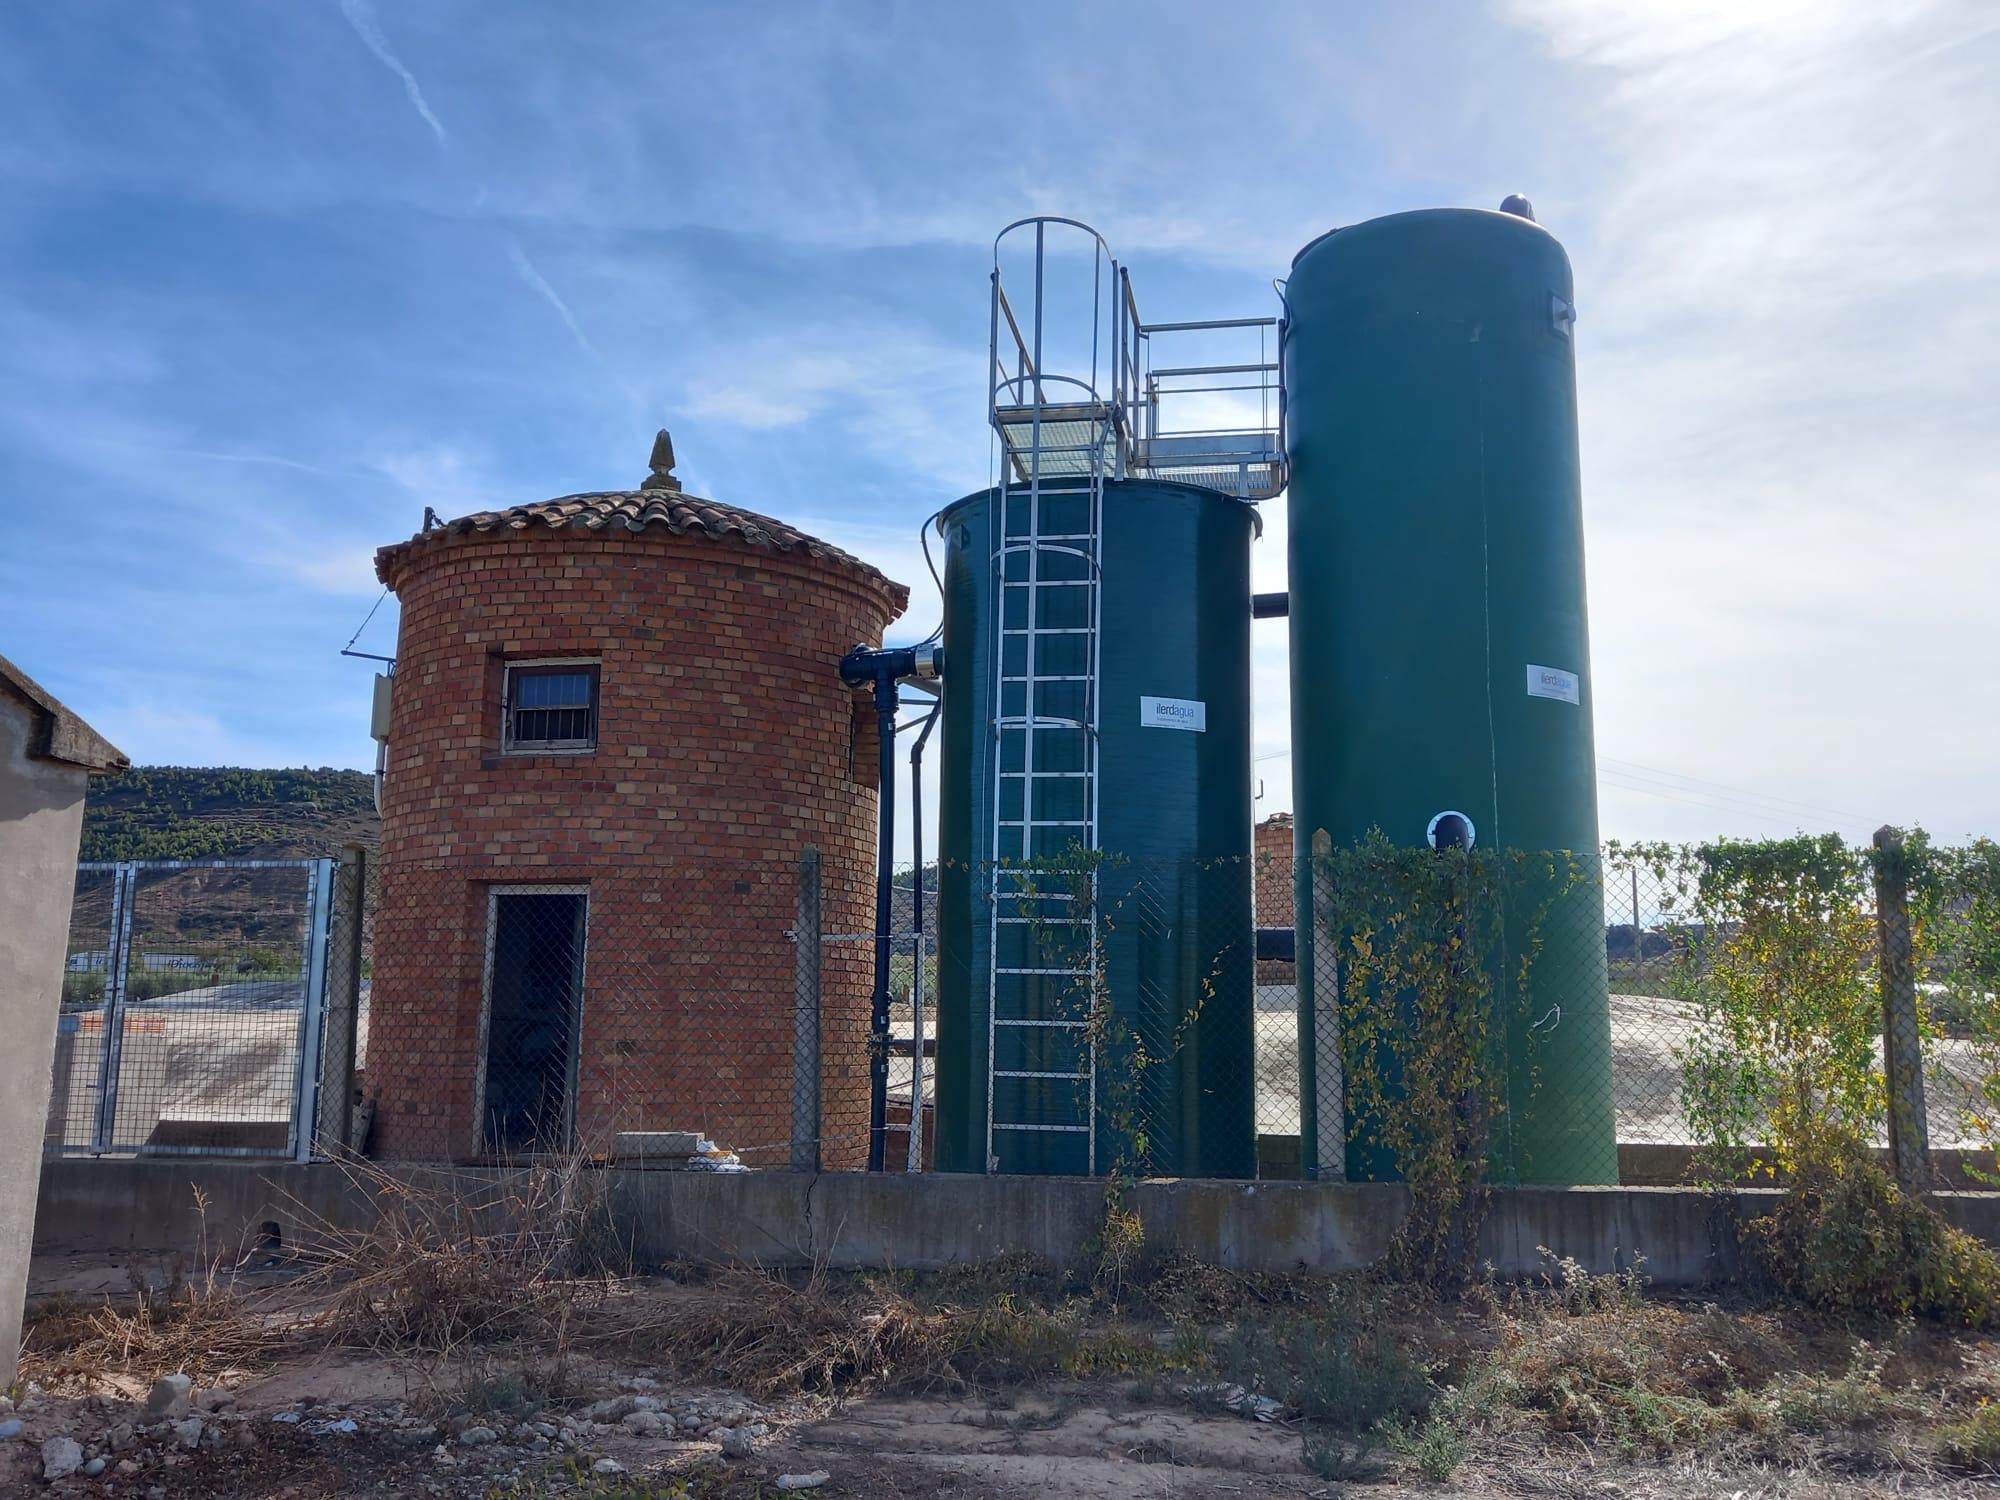 Finalitza la instal·lació de l'estació de tractament d'aigua potable a Castelldans